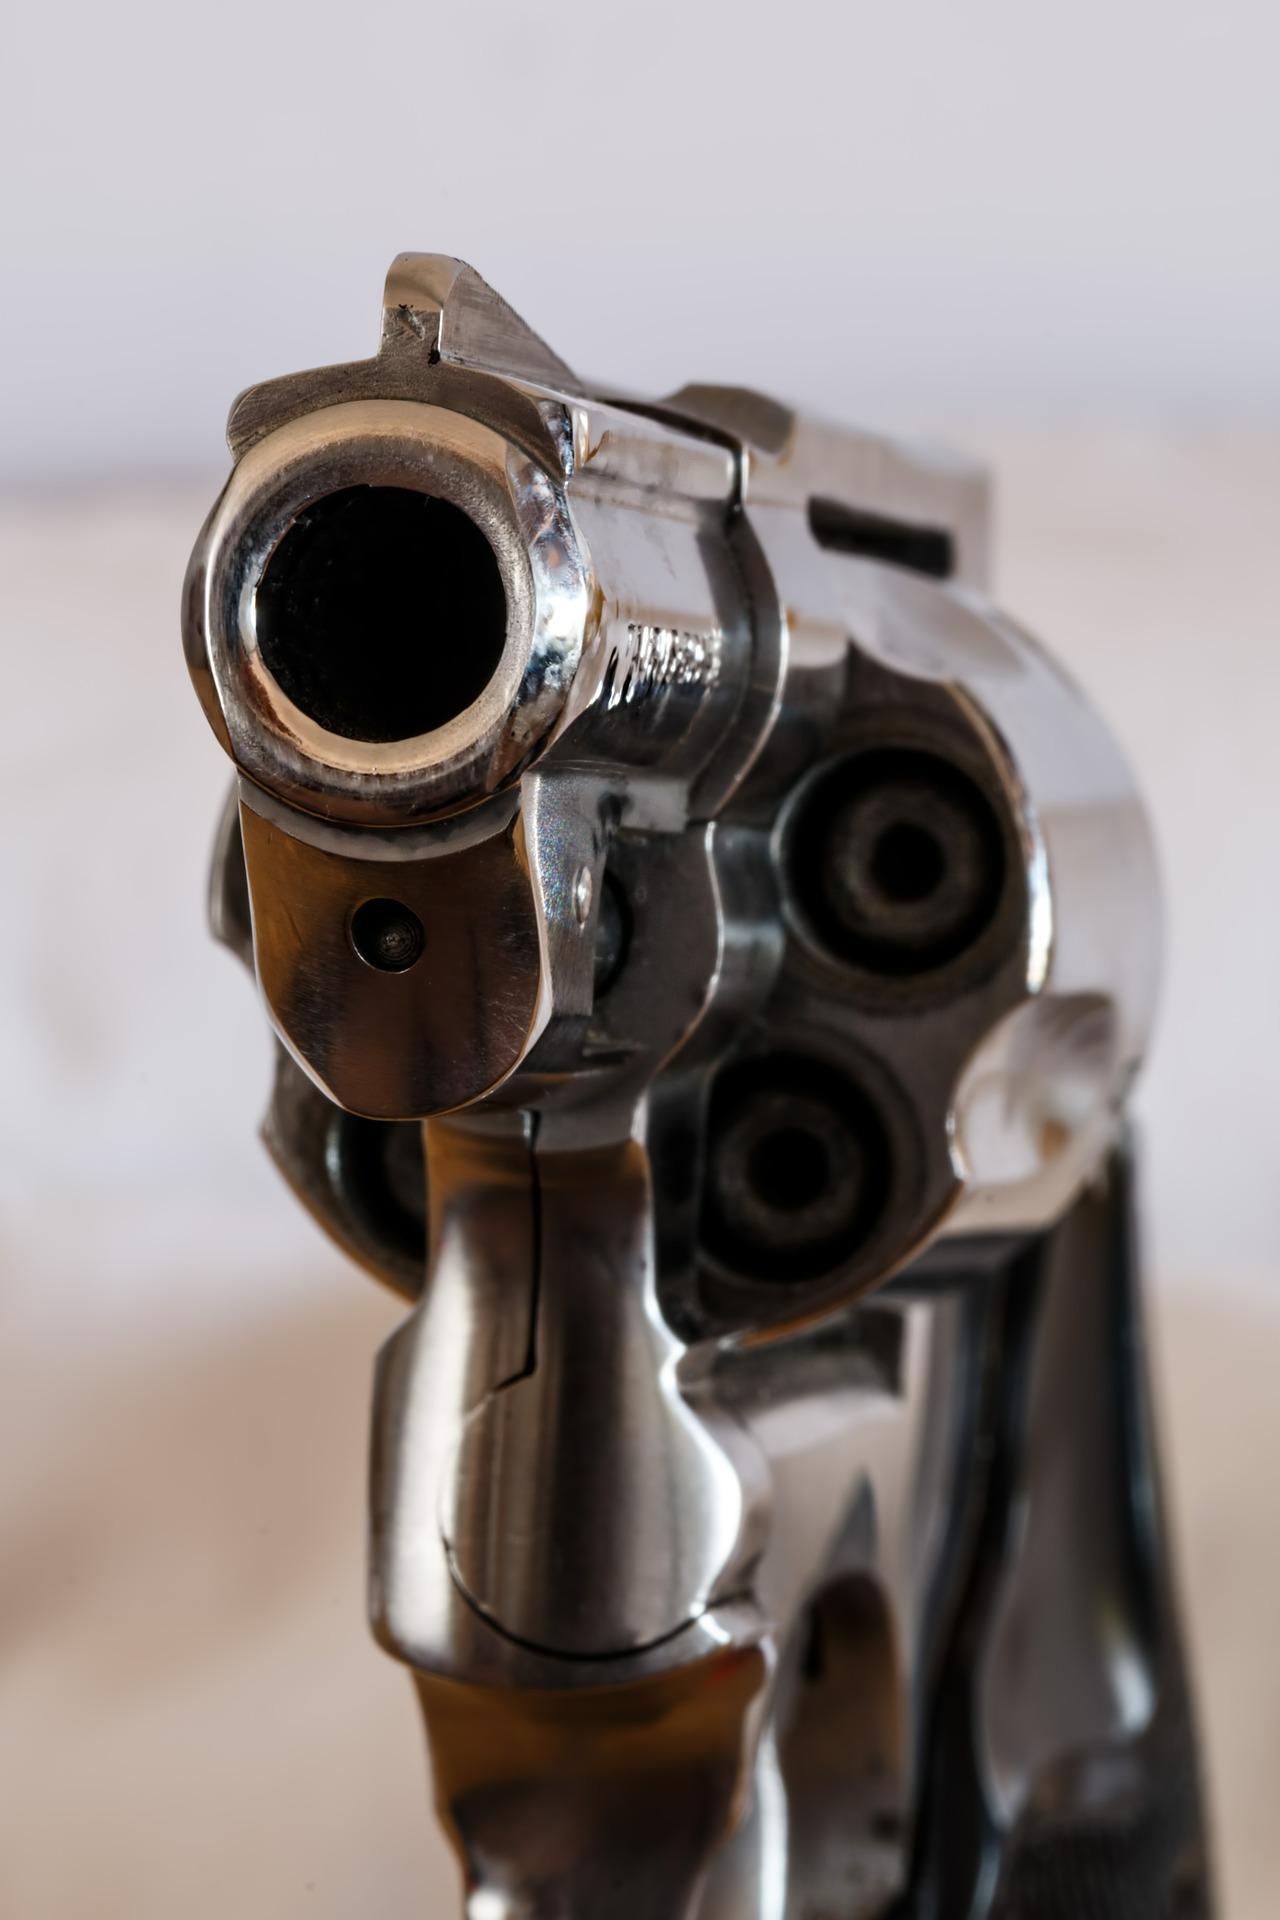 Kaltakquise 7 sieben Schritte Erfolg Verkaufen Ulrike Knauer Gespräch Verhandlung Akquise Fragetechniken Pistole